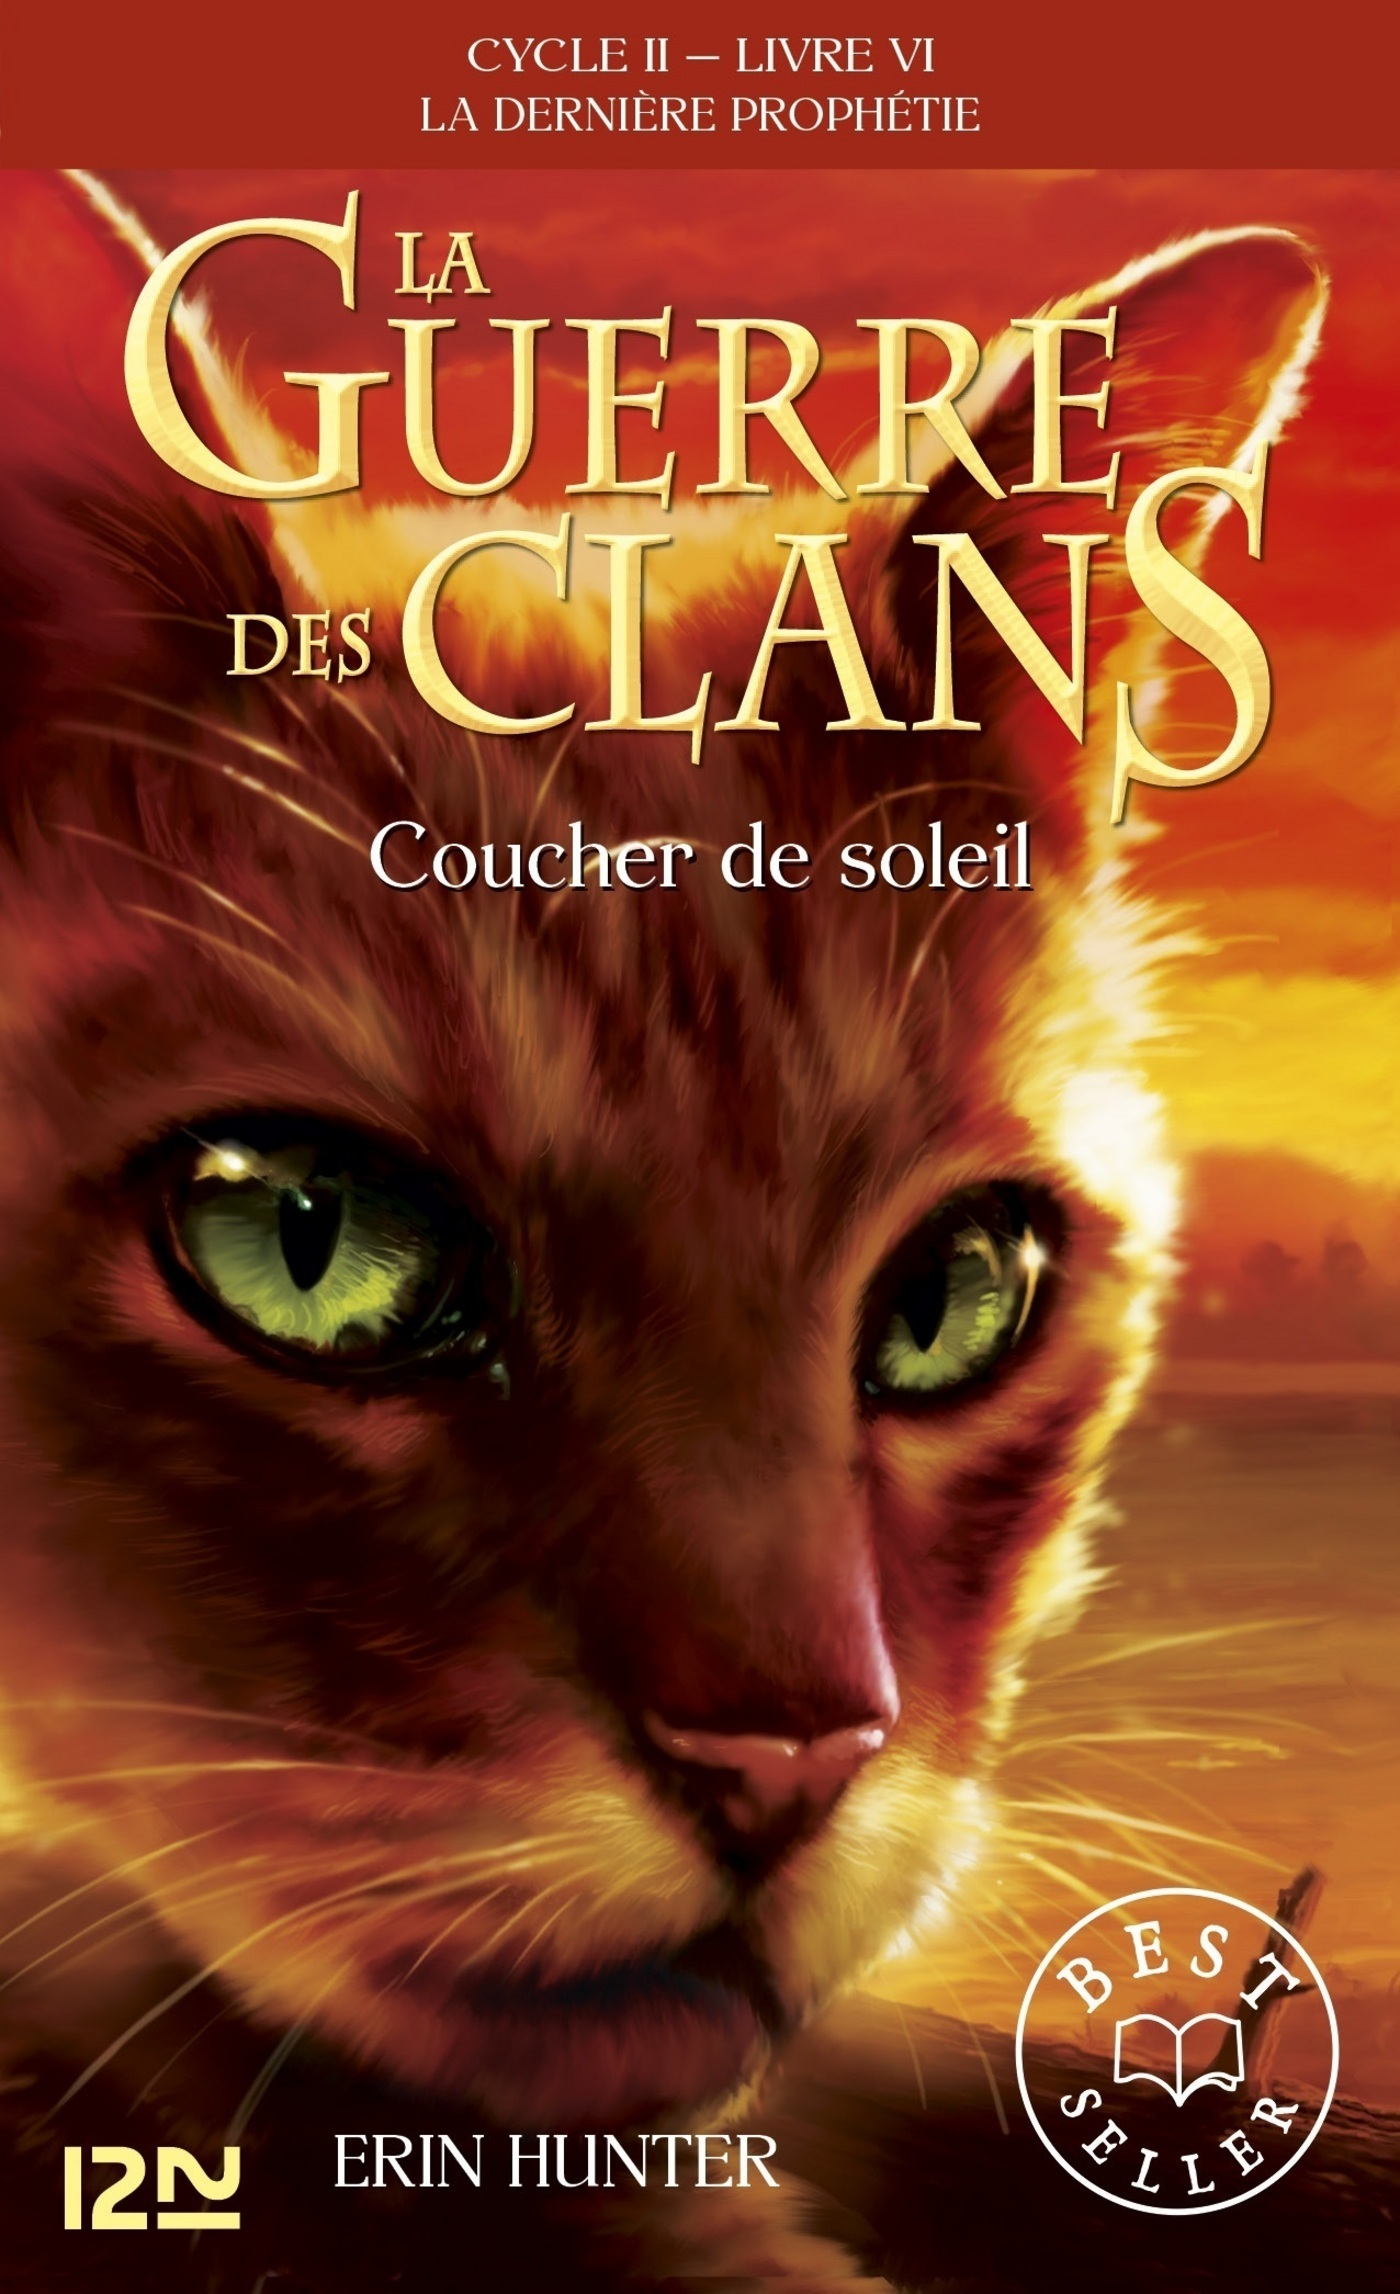 La guerre des clans II - La dernière prophétie tome 6, COUCHER DE SOLEIL